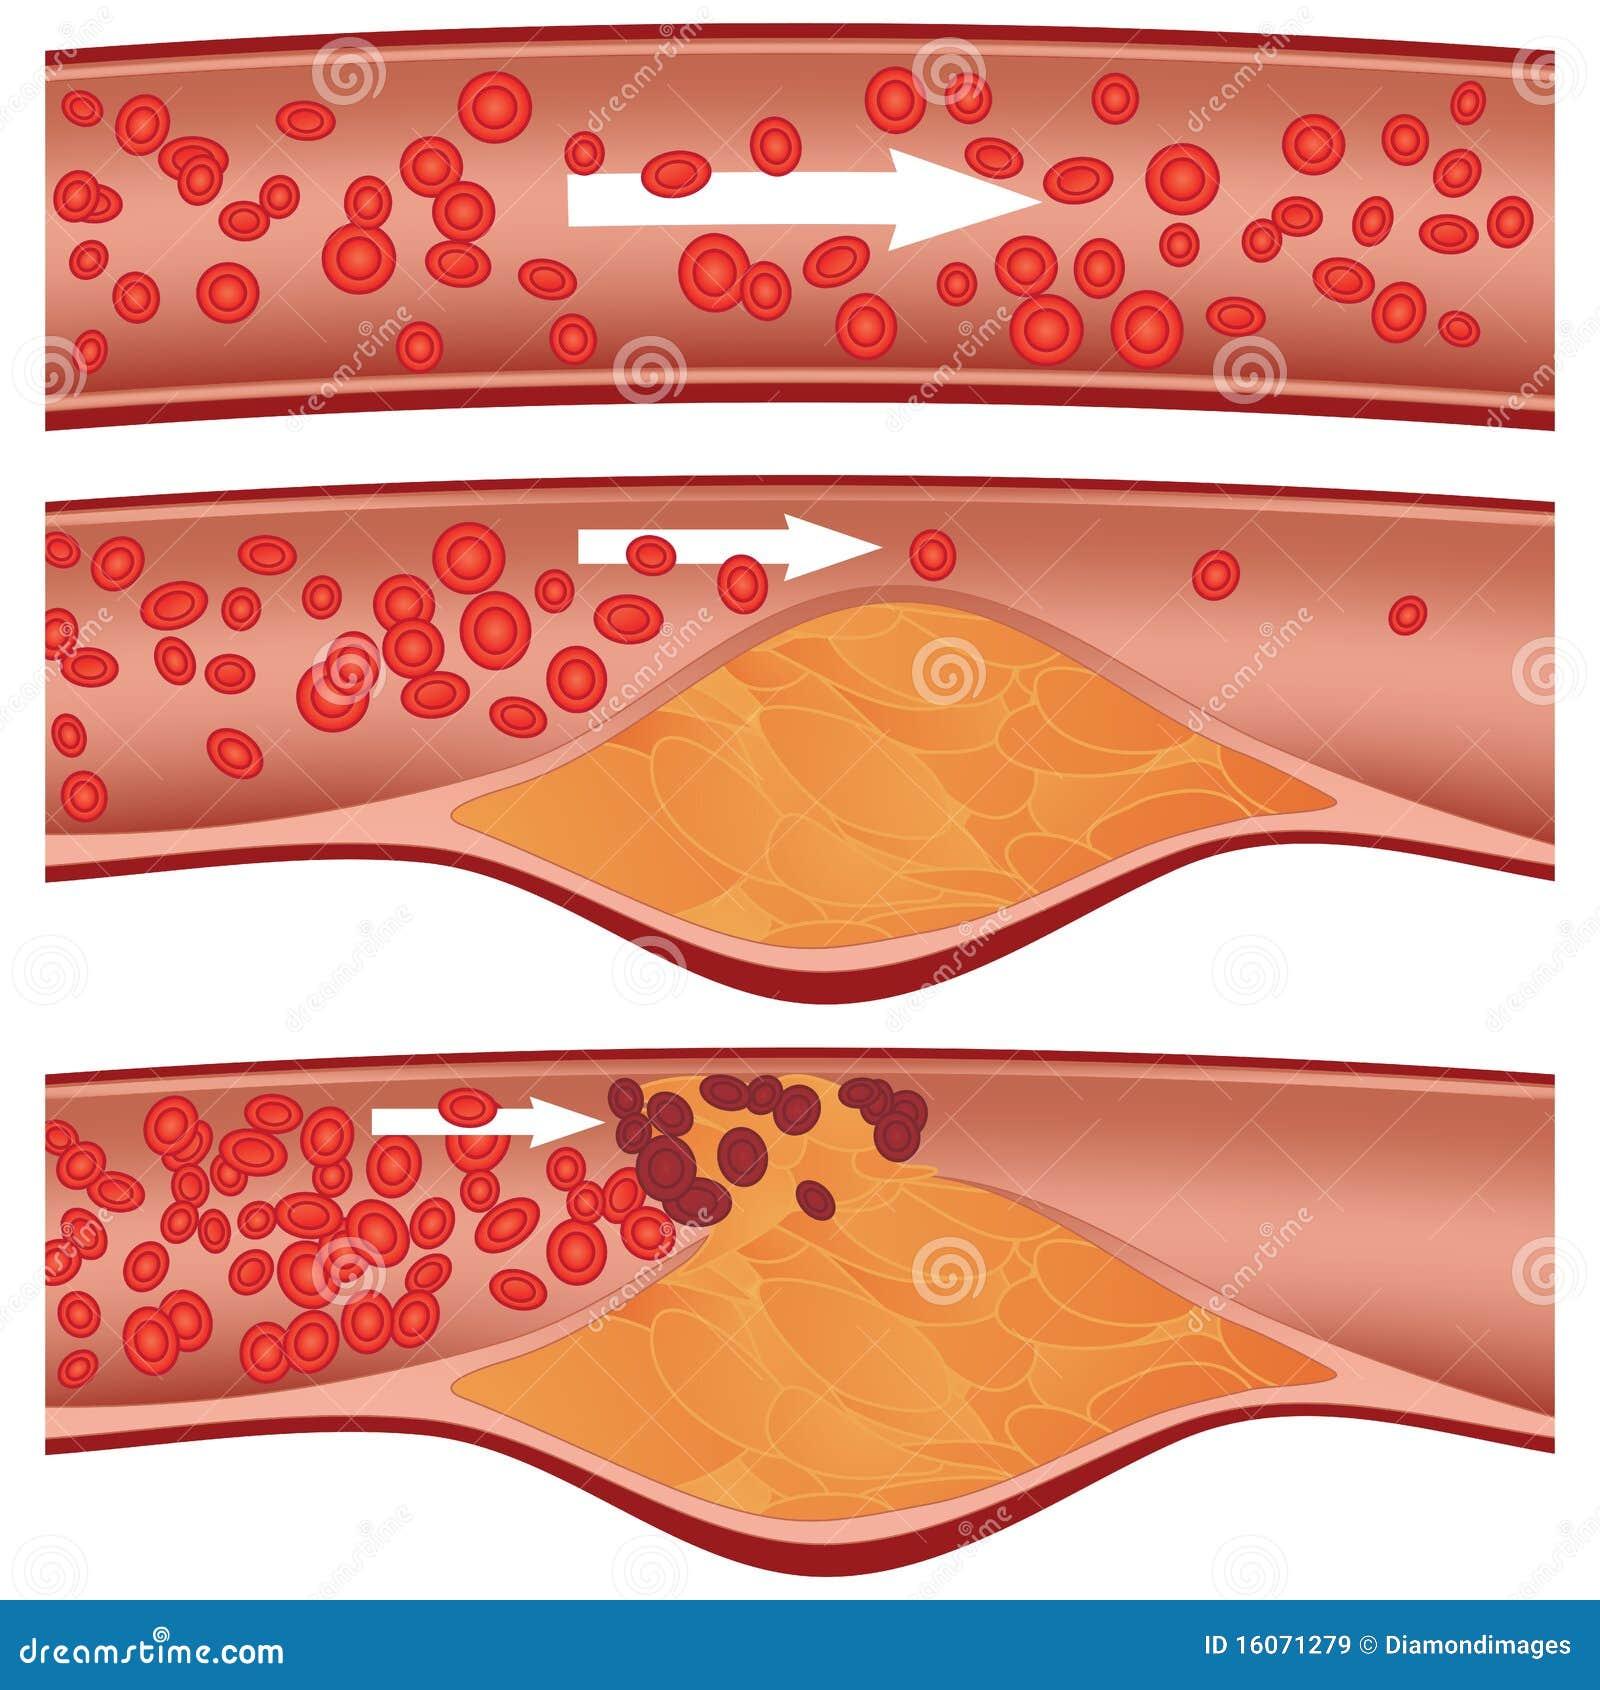 Placa del colesterol en arteria